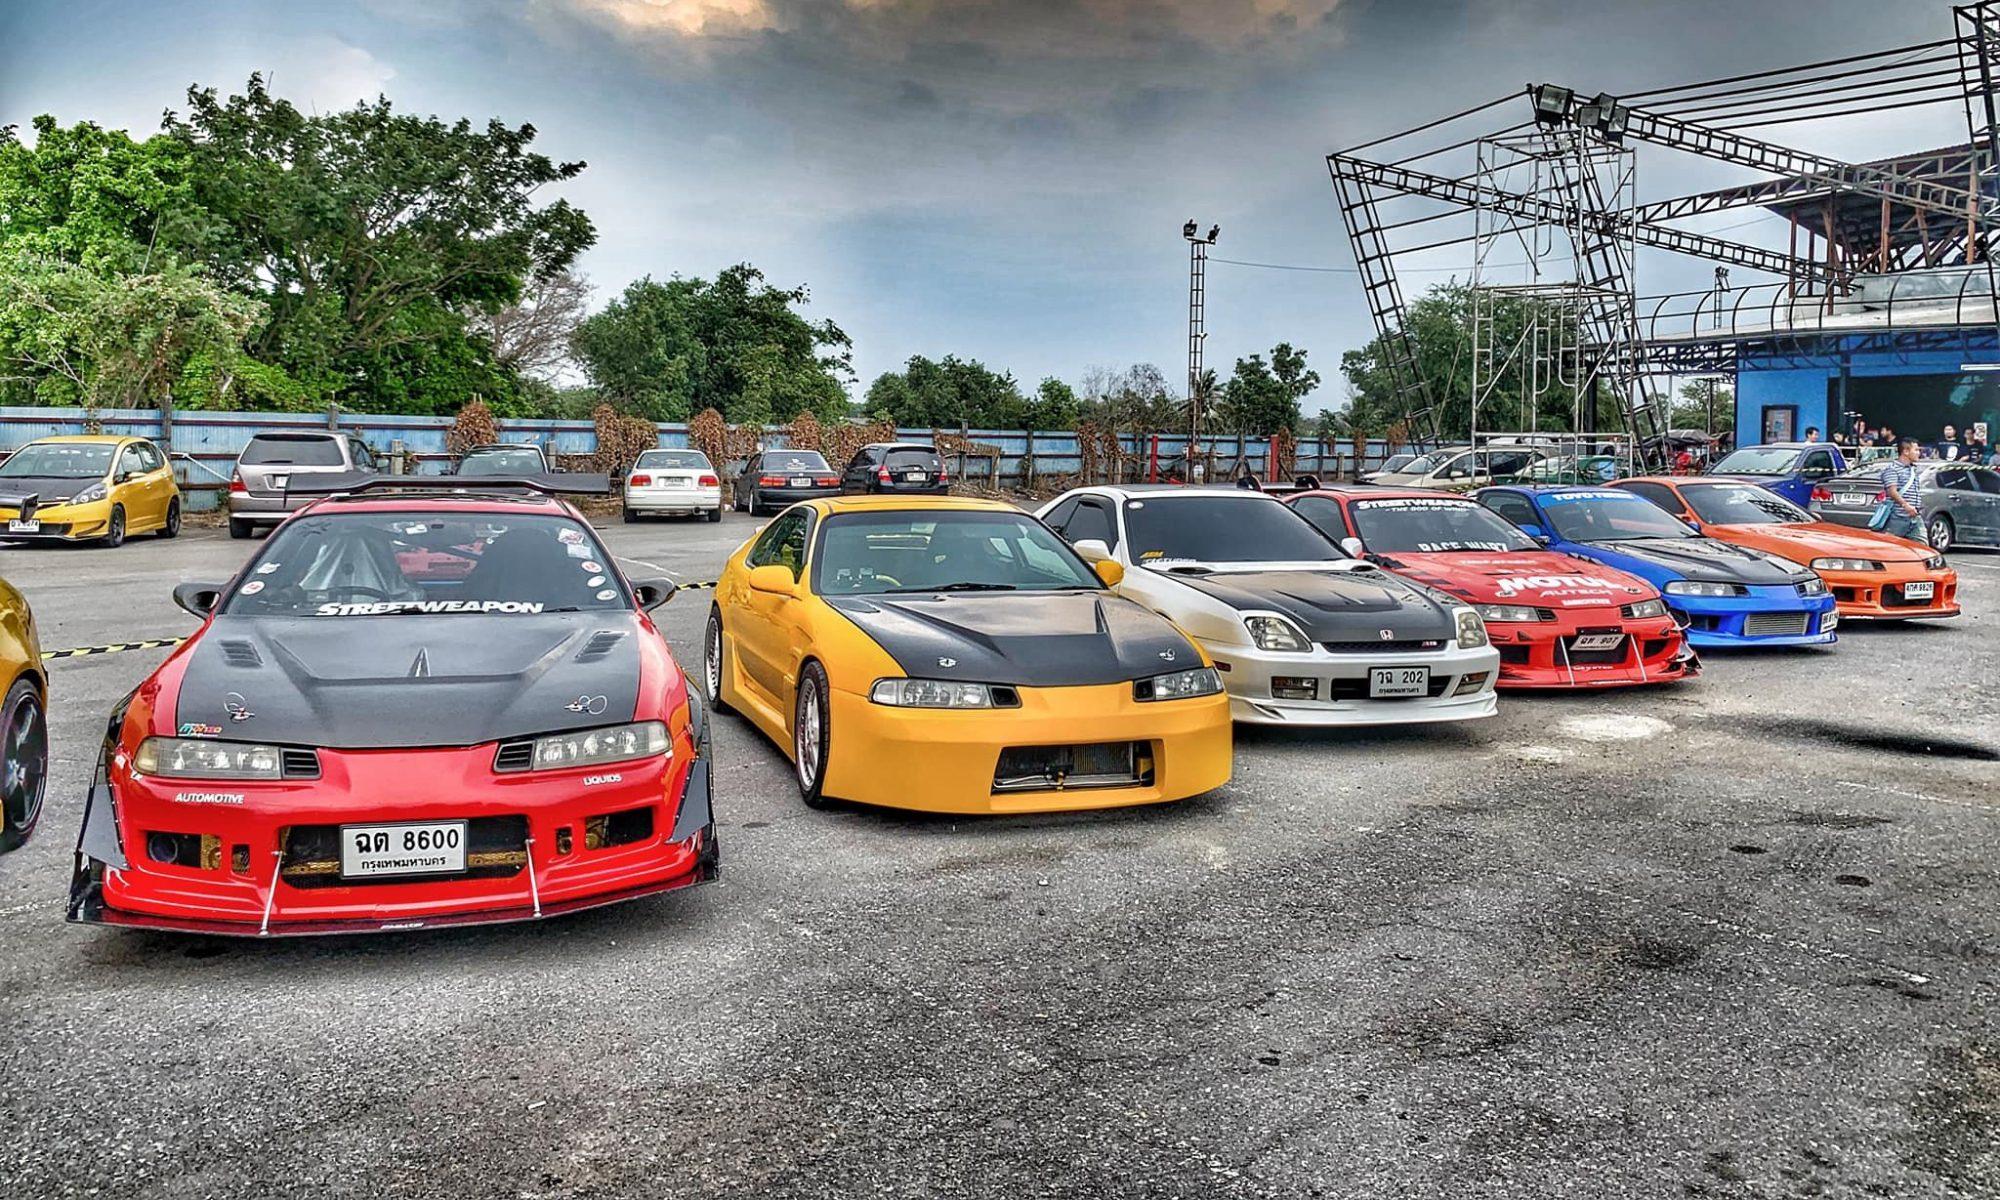 พรีลูดคลับไทยแลนด์ เว็บไซต์ที่รวบรวมข้อมูลของรถยนต์ตระกูลฮอนด้า พรีลูด และกลุ่มผู้ใช้รถยนต์ฮอนด้าพรีลูดในประเทศไทย